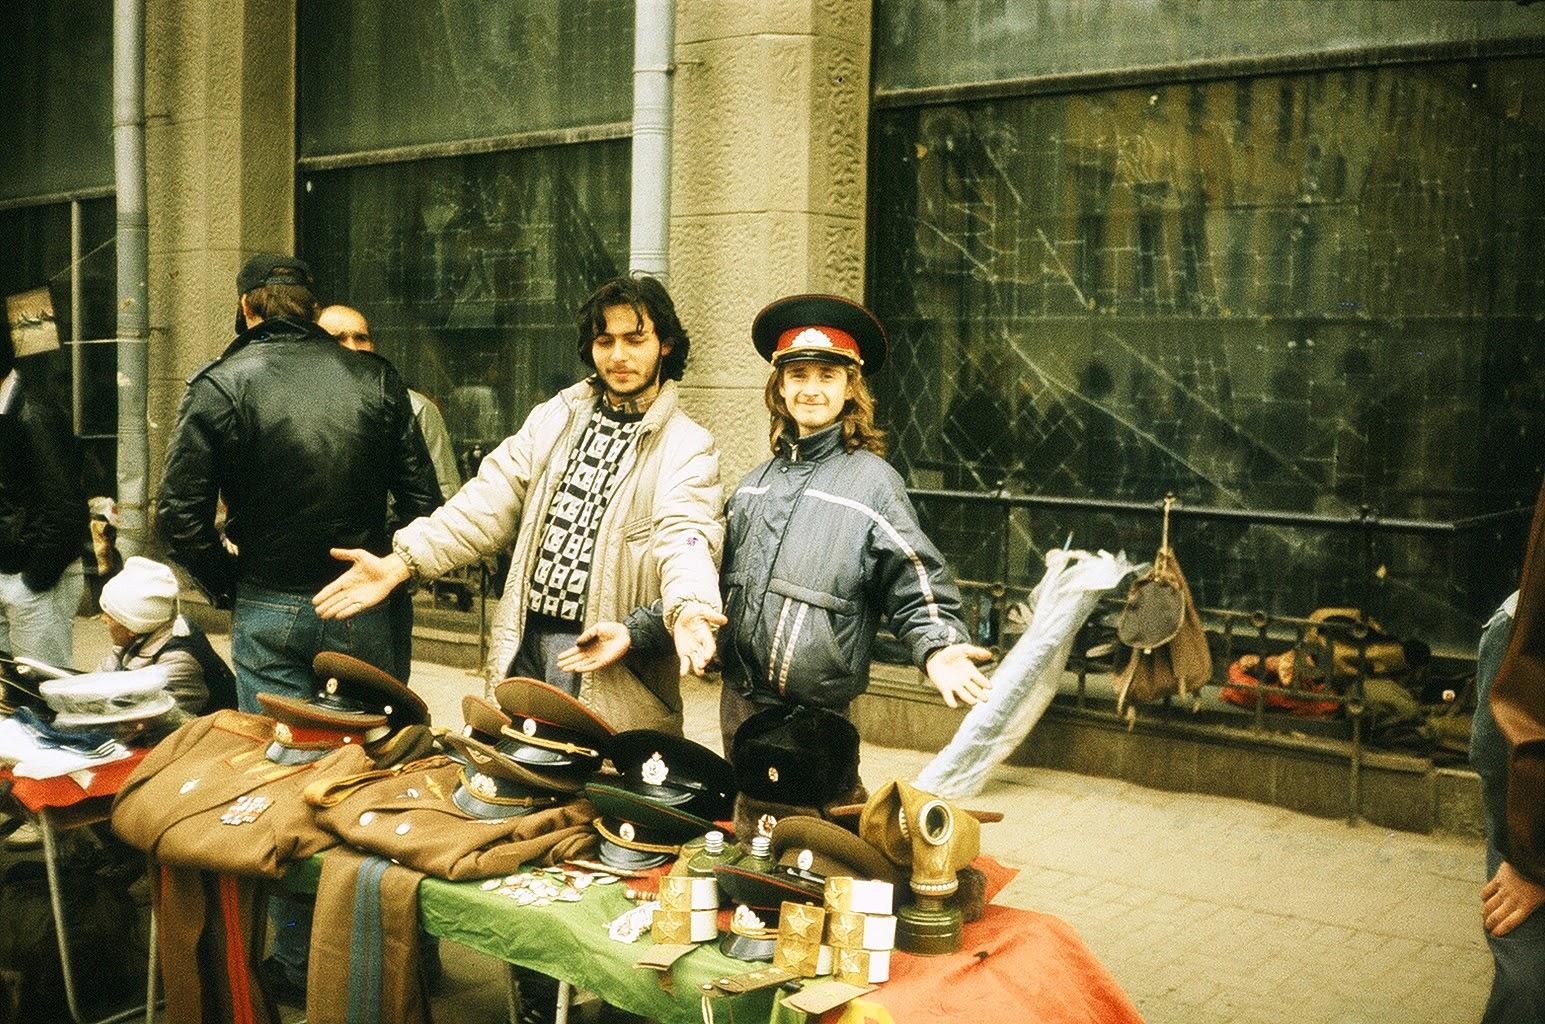 Продавцы военной формы на Арбате